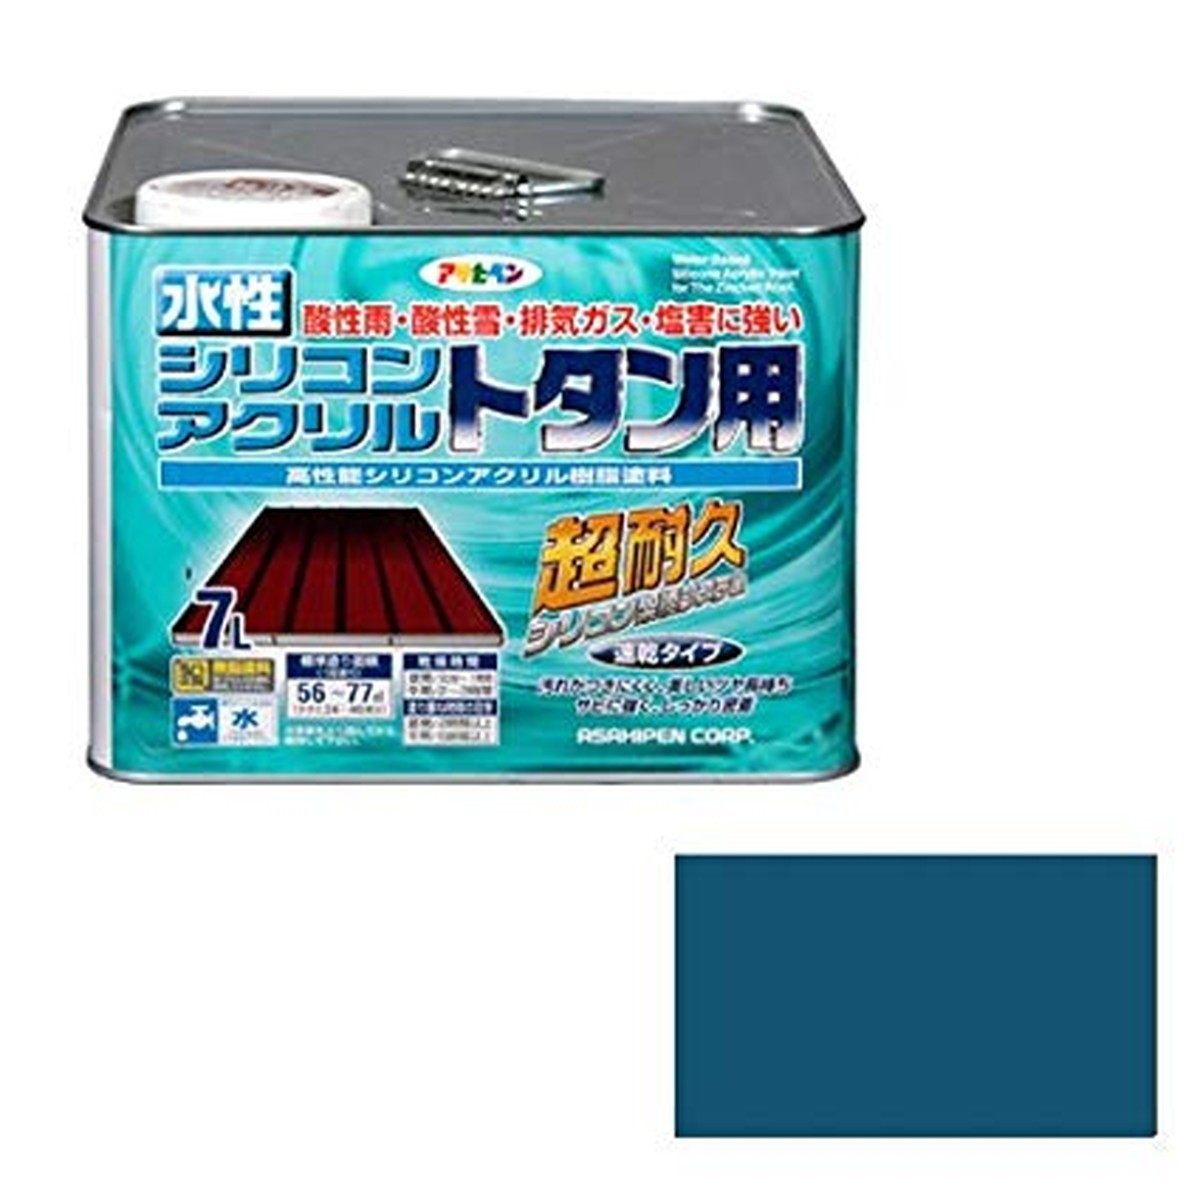 アサヒペン 水性シリコンアクリルトタン用 オーシャンブルー 7L【クーポン配布中】